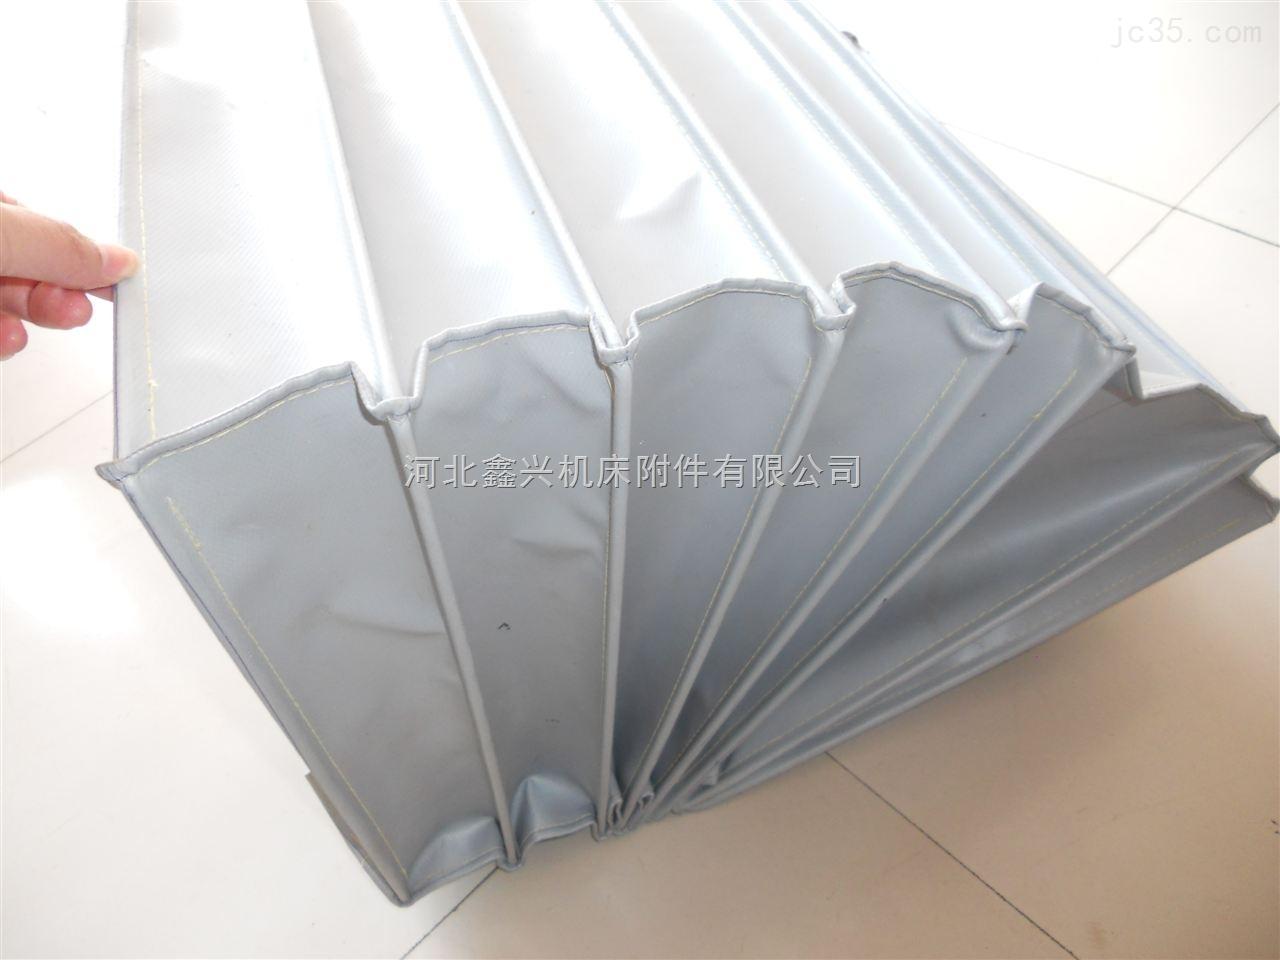 耐高温矩形灰色硅胶软连接